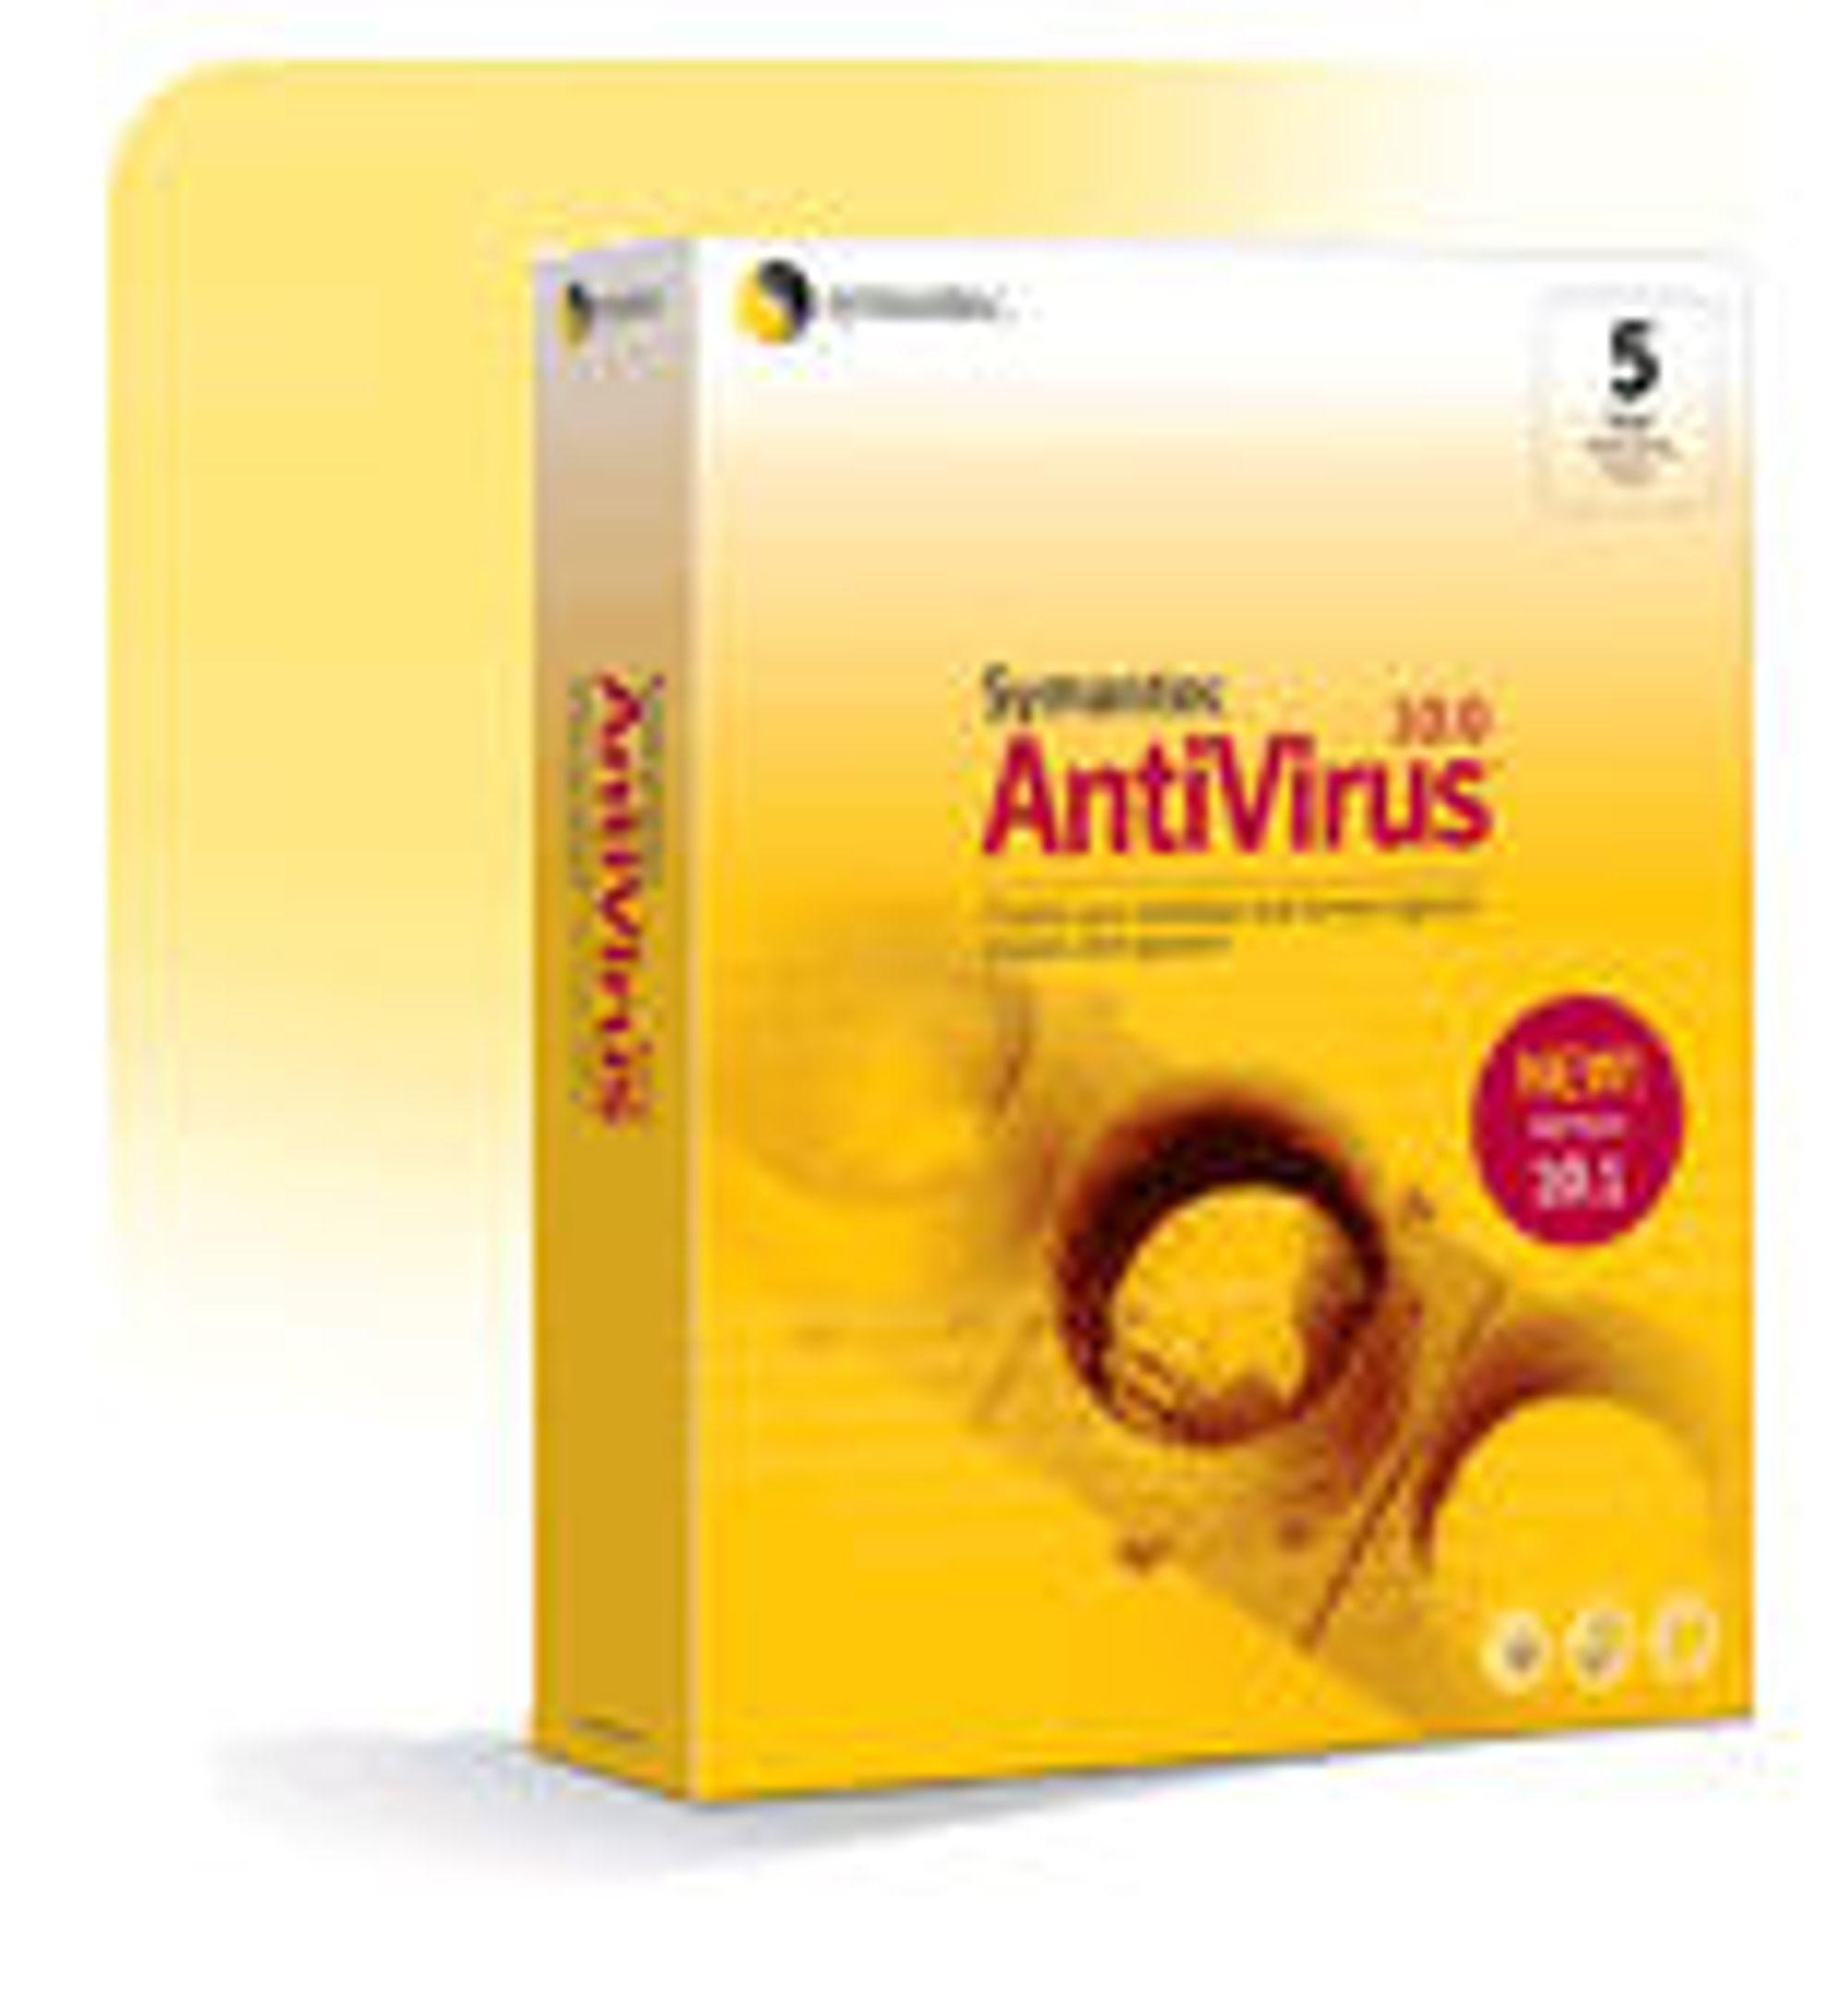 Symantec Antivirus